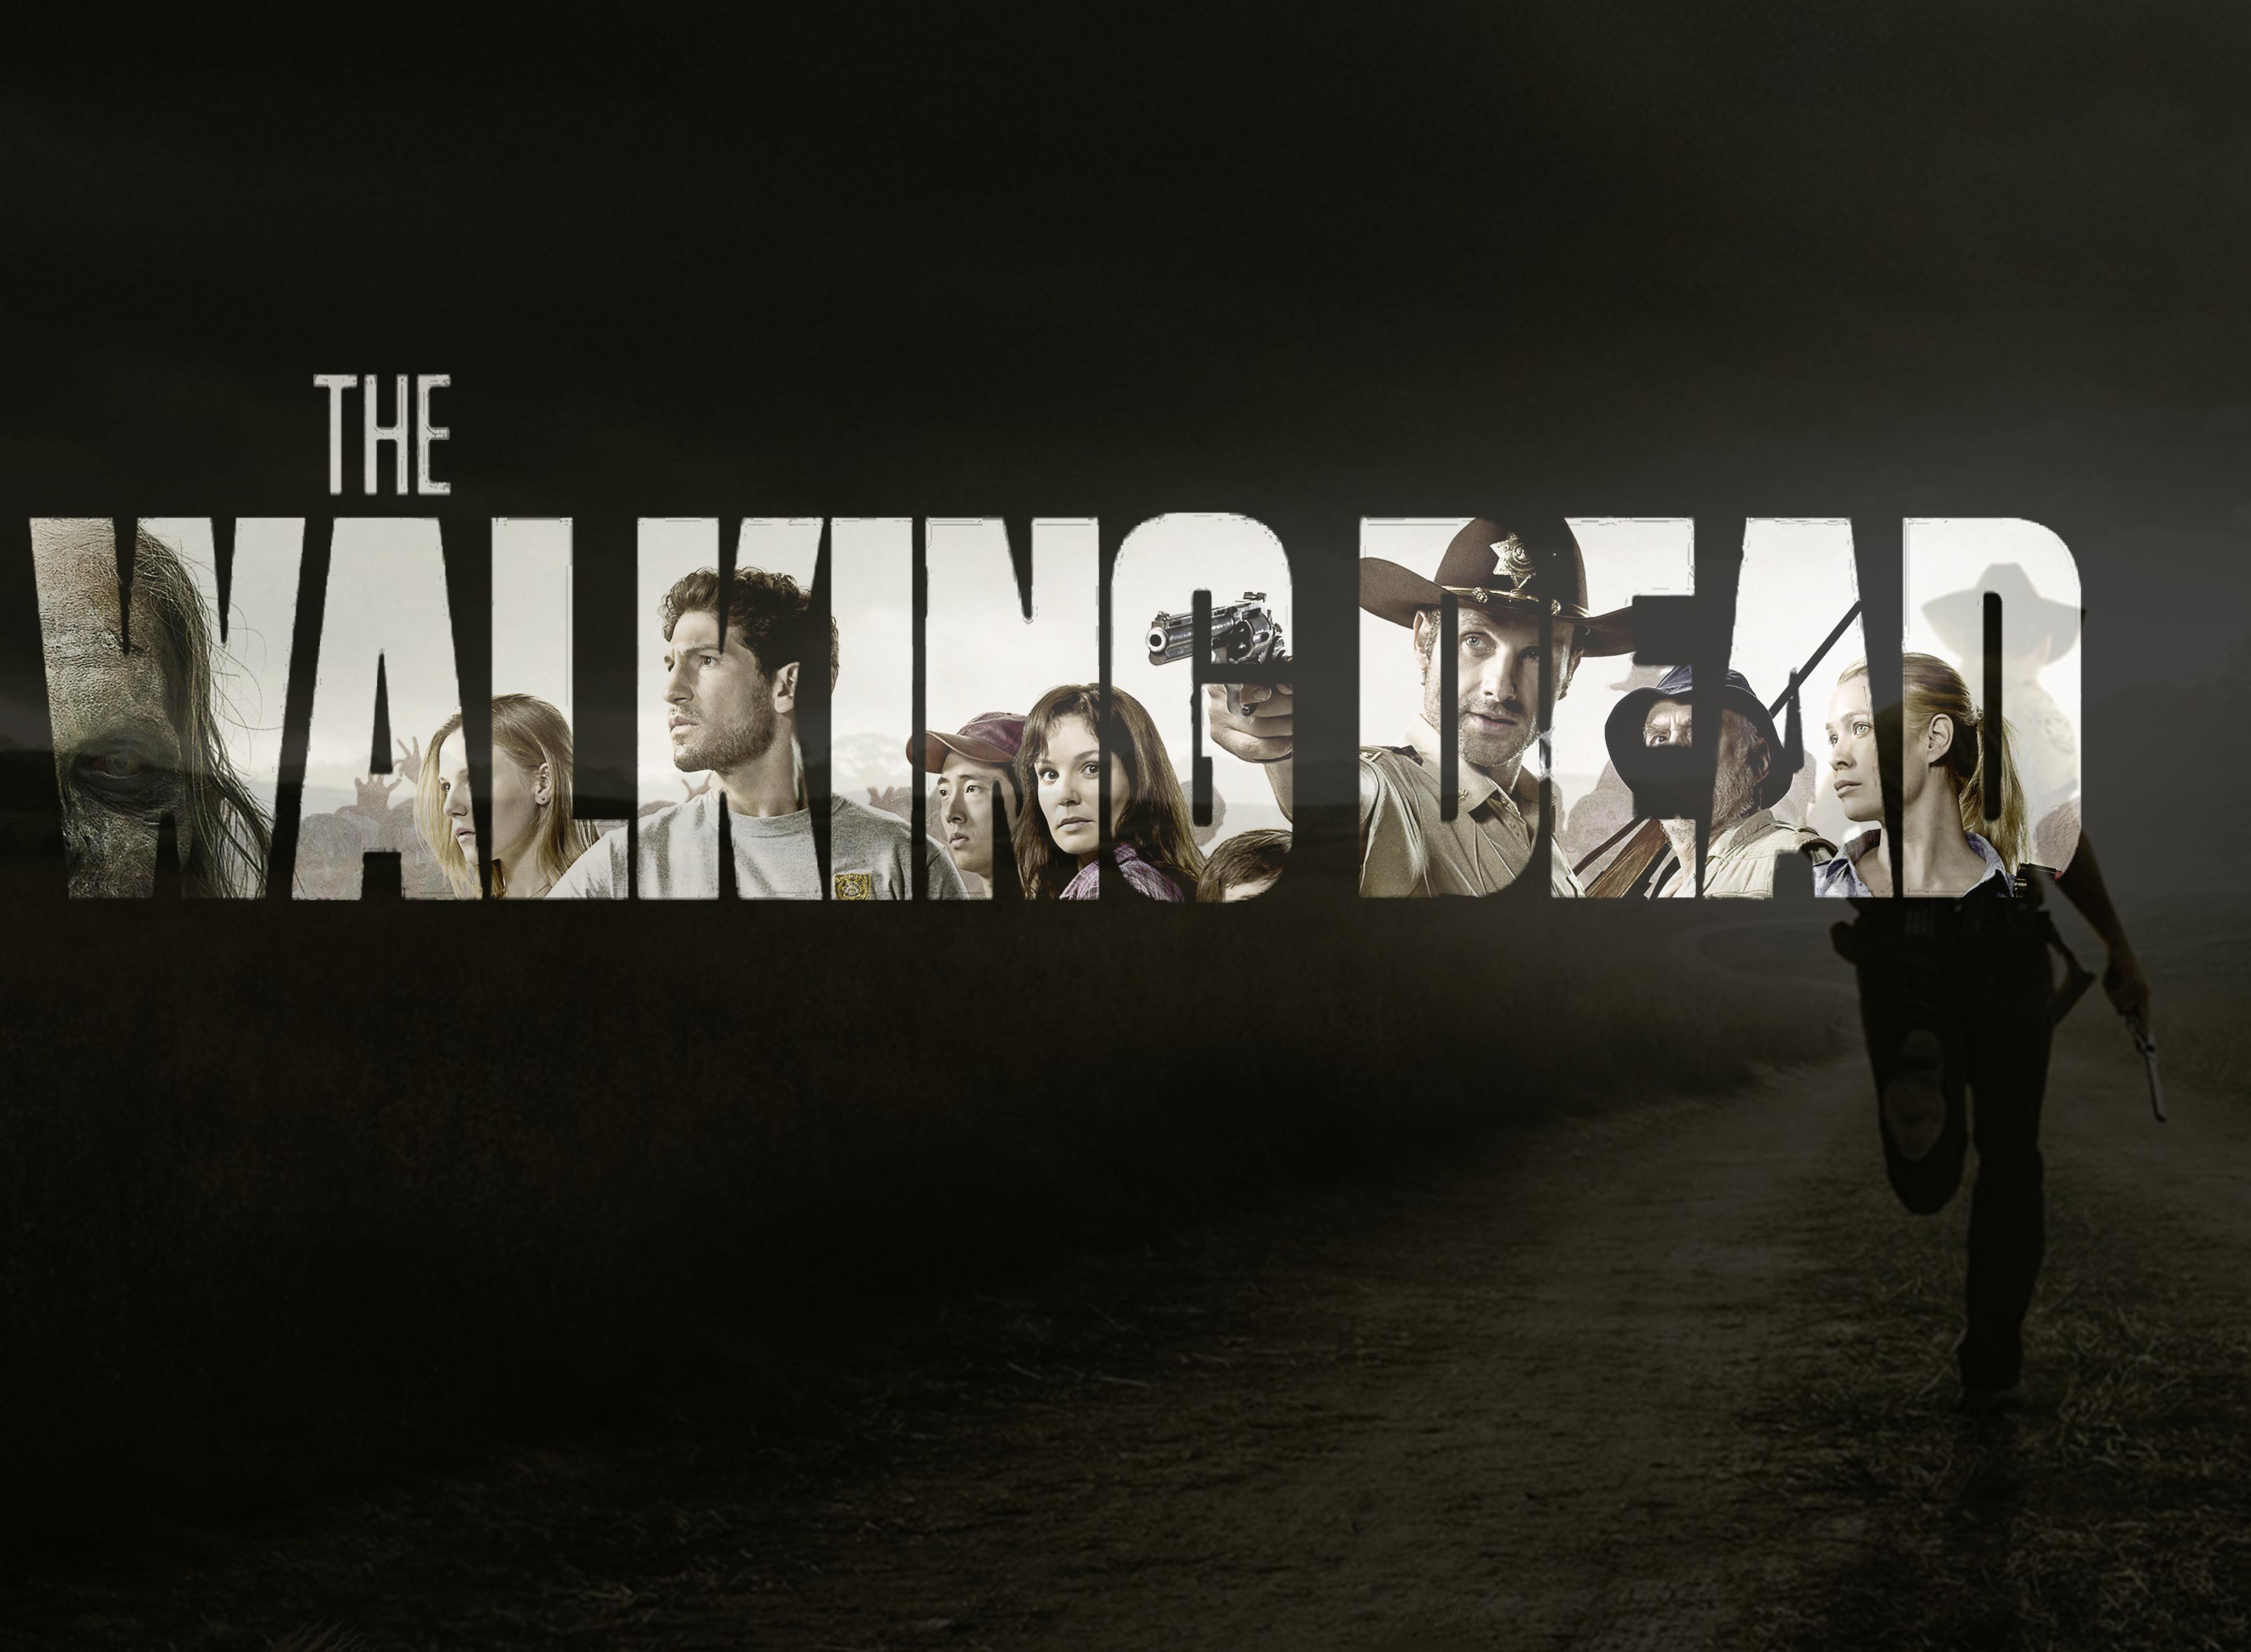 The Walking Dead wallpaper 11